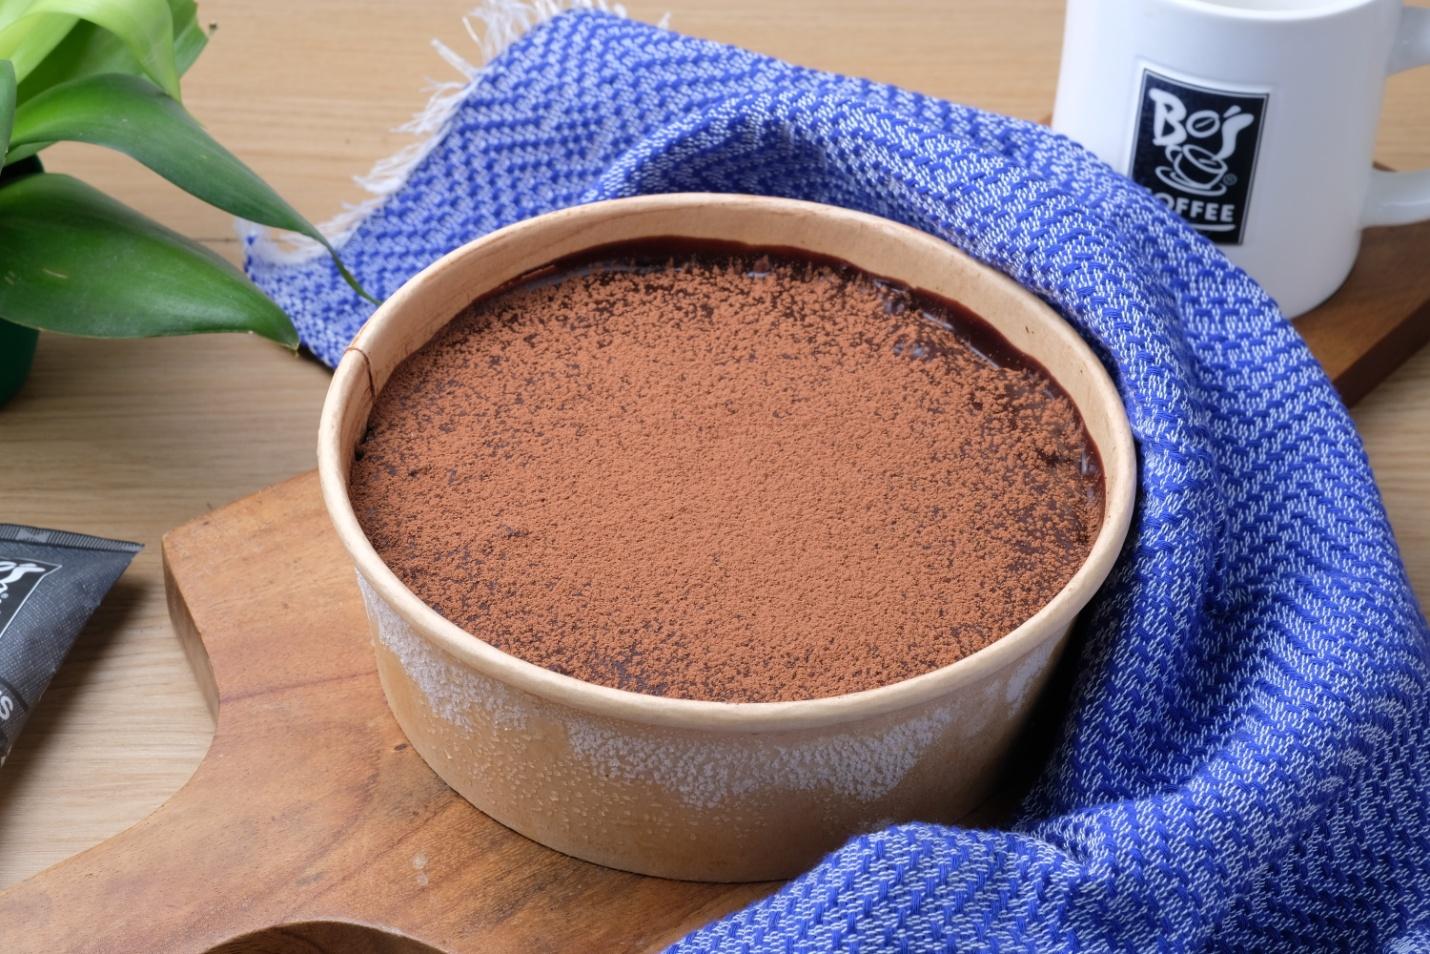 C:\Users\GCPI-ROBBY\Desktop\PRS\BOS COFFEE\Pic 3 - Bo's Coffee_25th Anniversary.jpeg